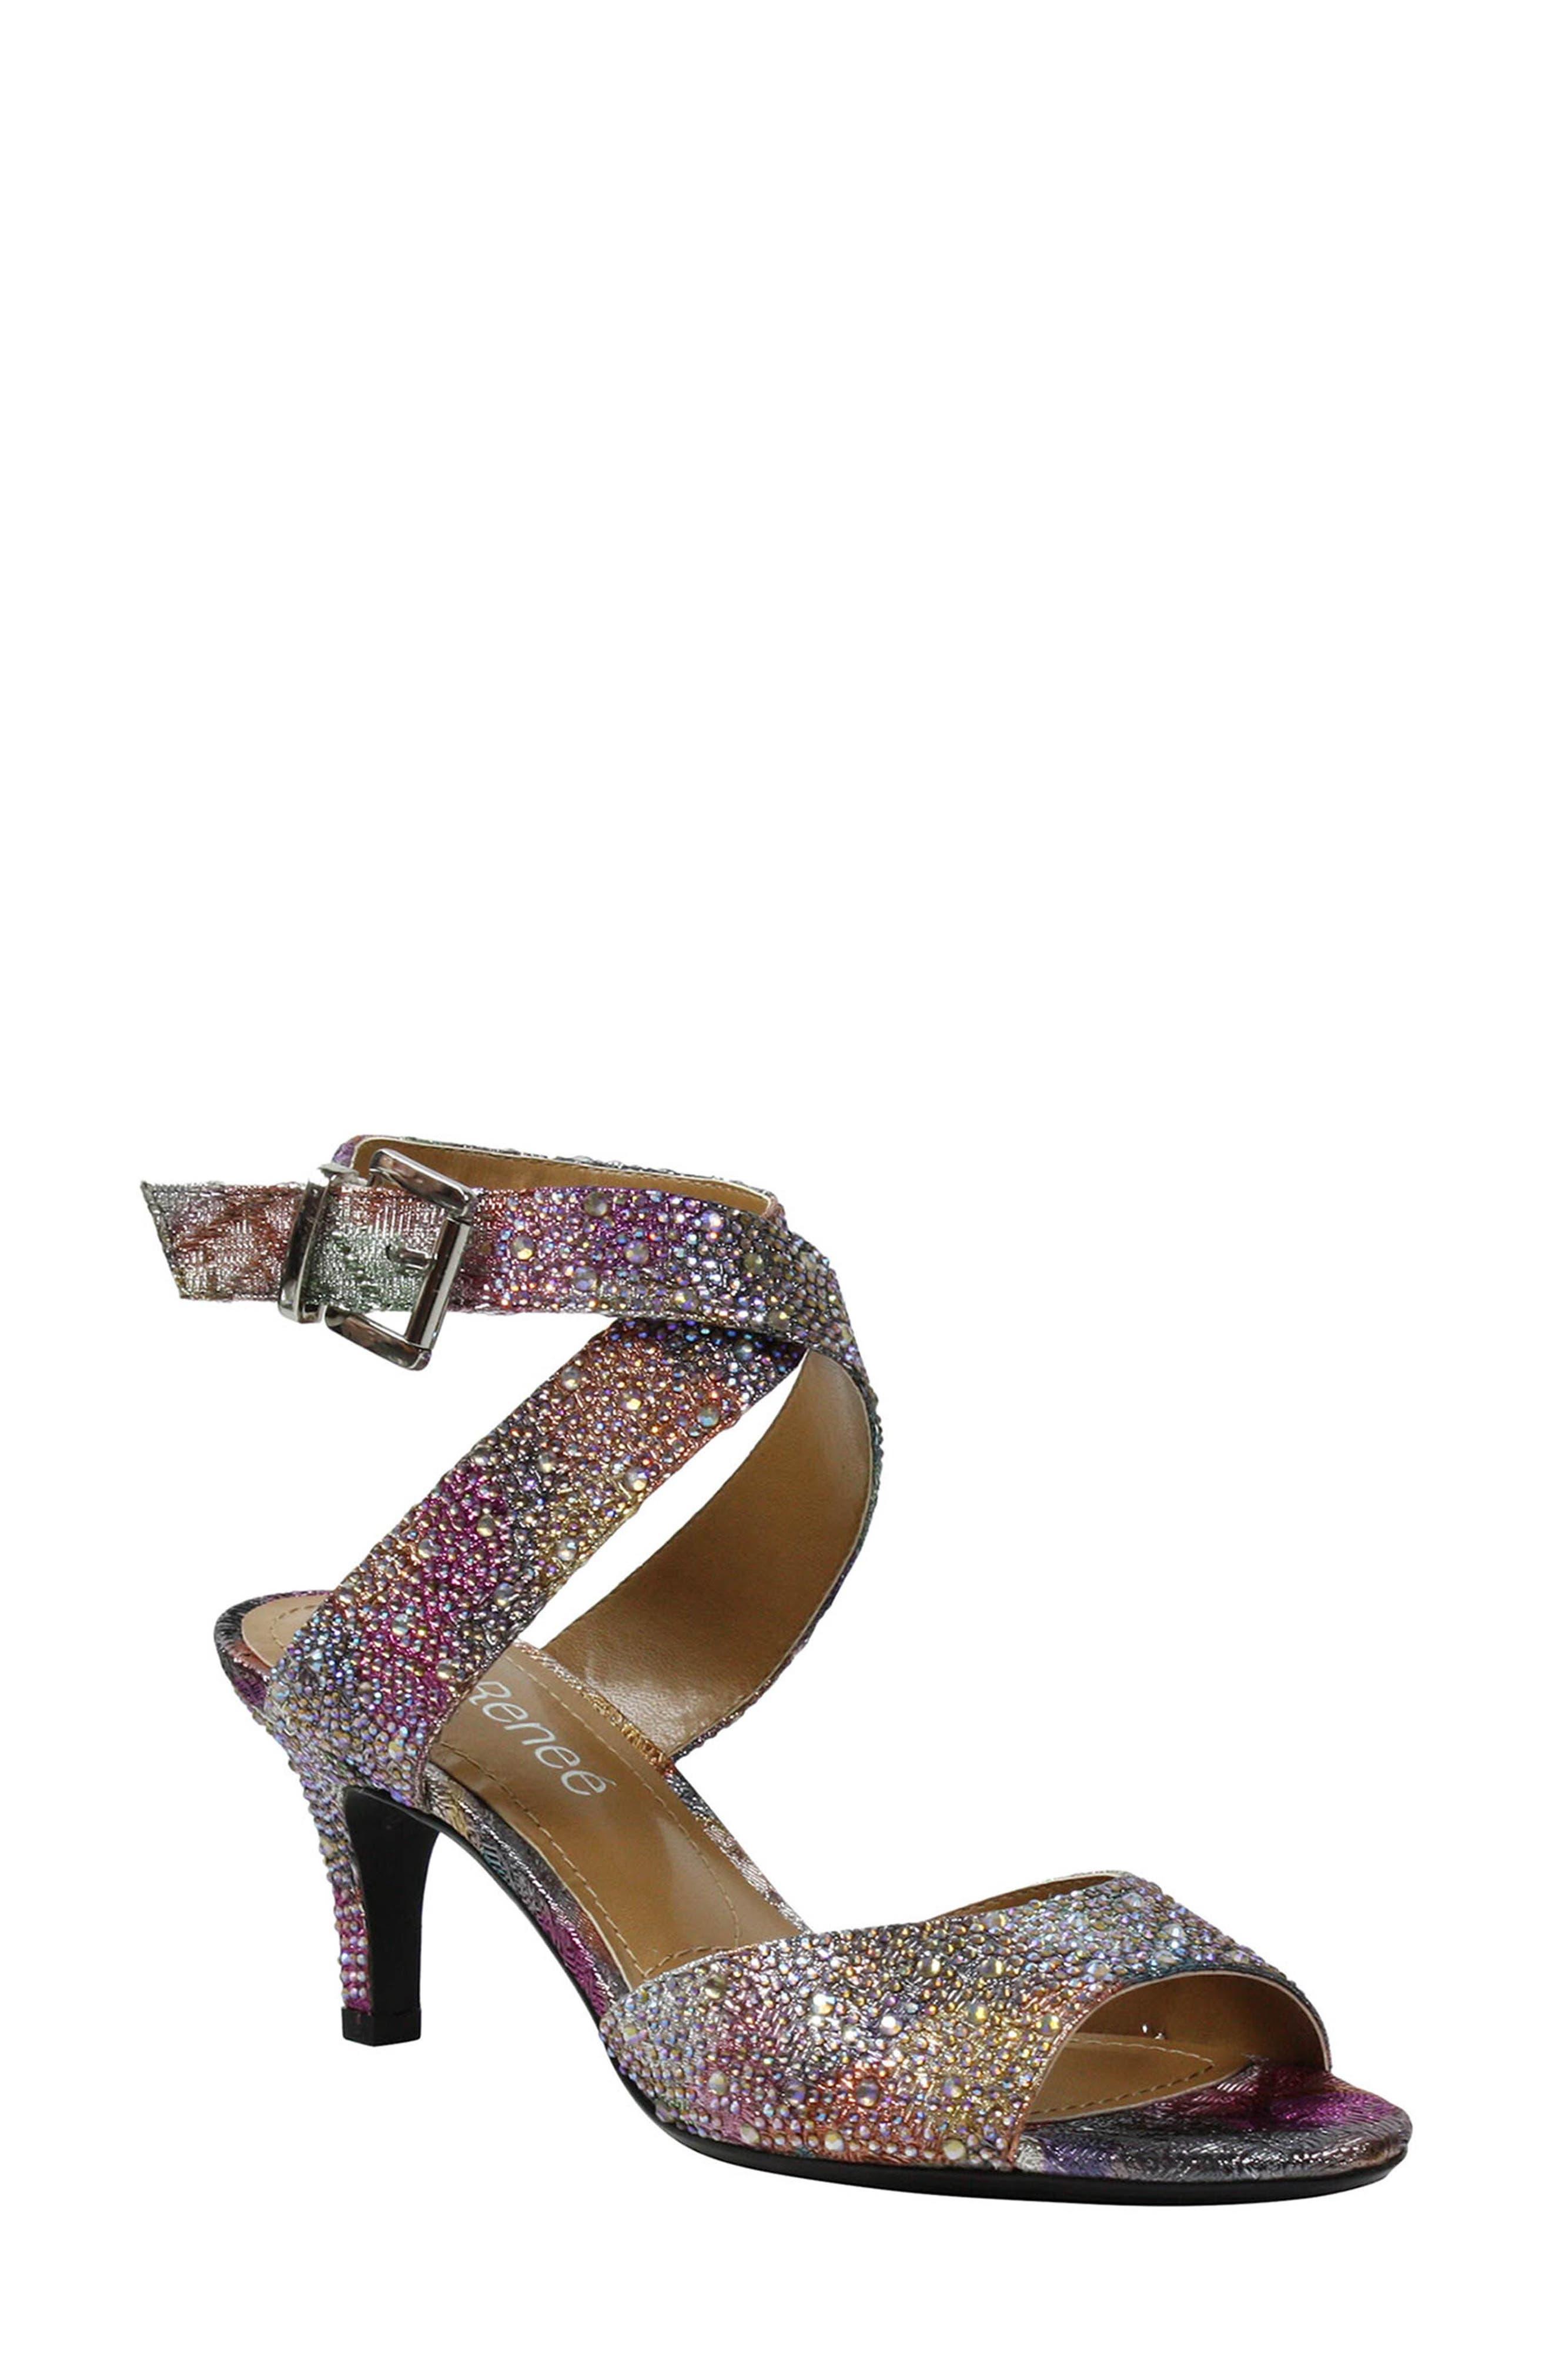 J. RENEÉ Soncino Ankle Strap Sandal